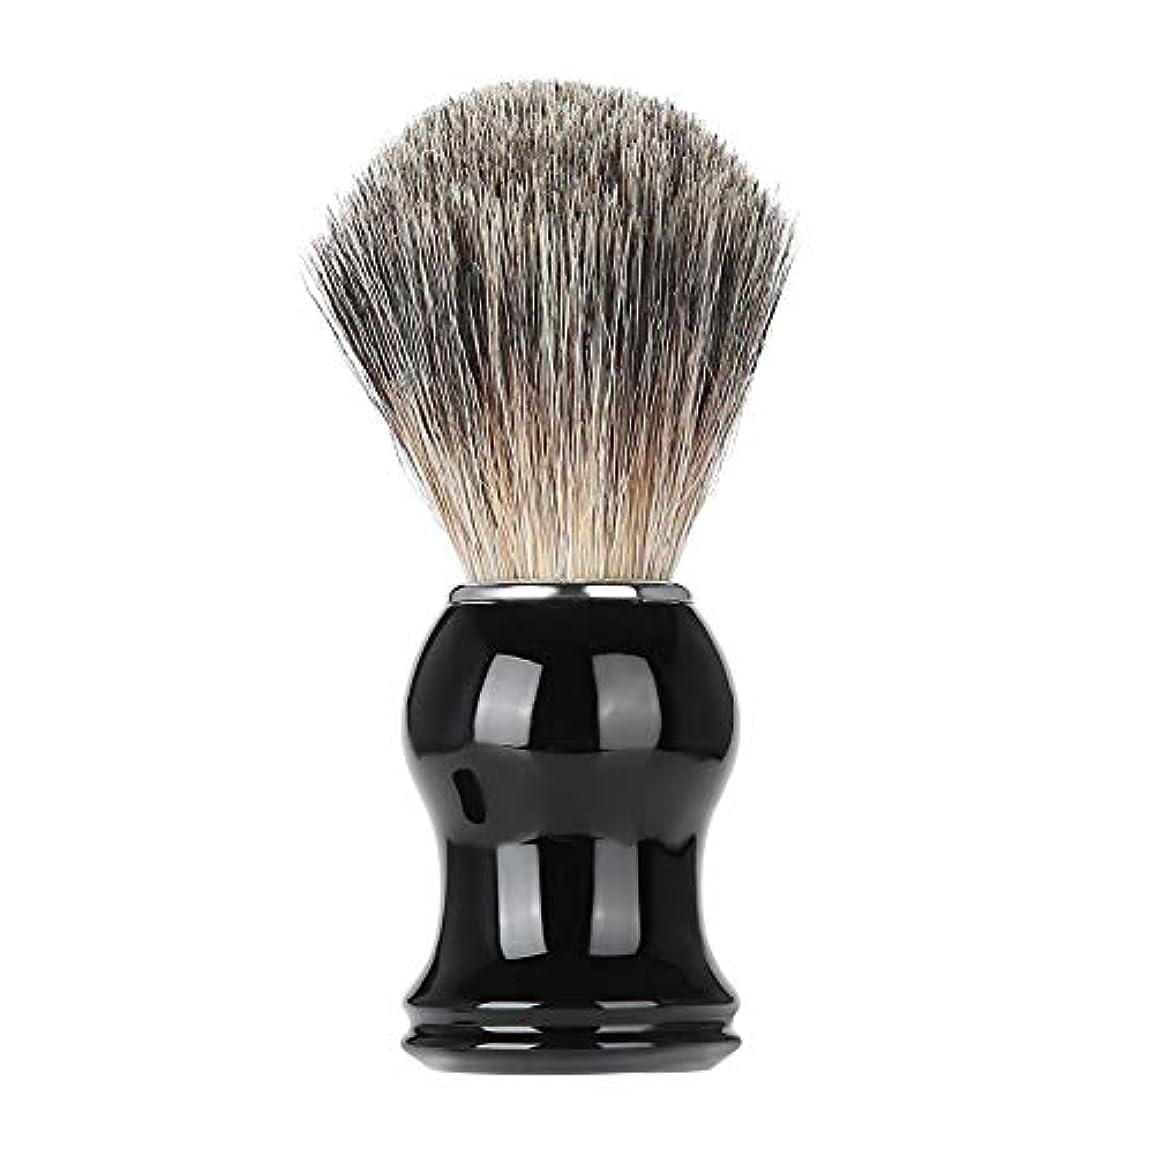 マッサージ硫黄ベーカリーNitrip シェービングブラシ ひげブラシ ひげケア アナグマ毛 理容 洗顔 髭剃り 泡立ち シェービング用アクセサリー 男性用 高級